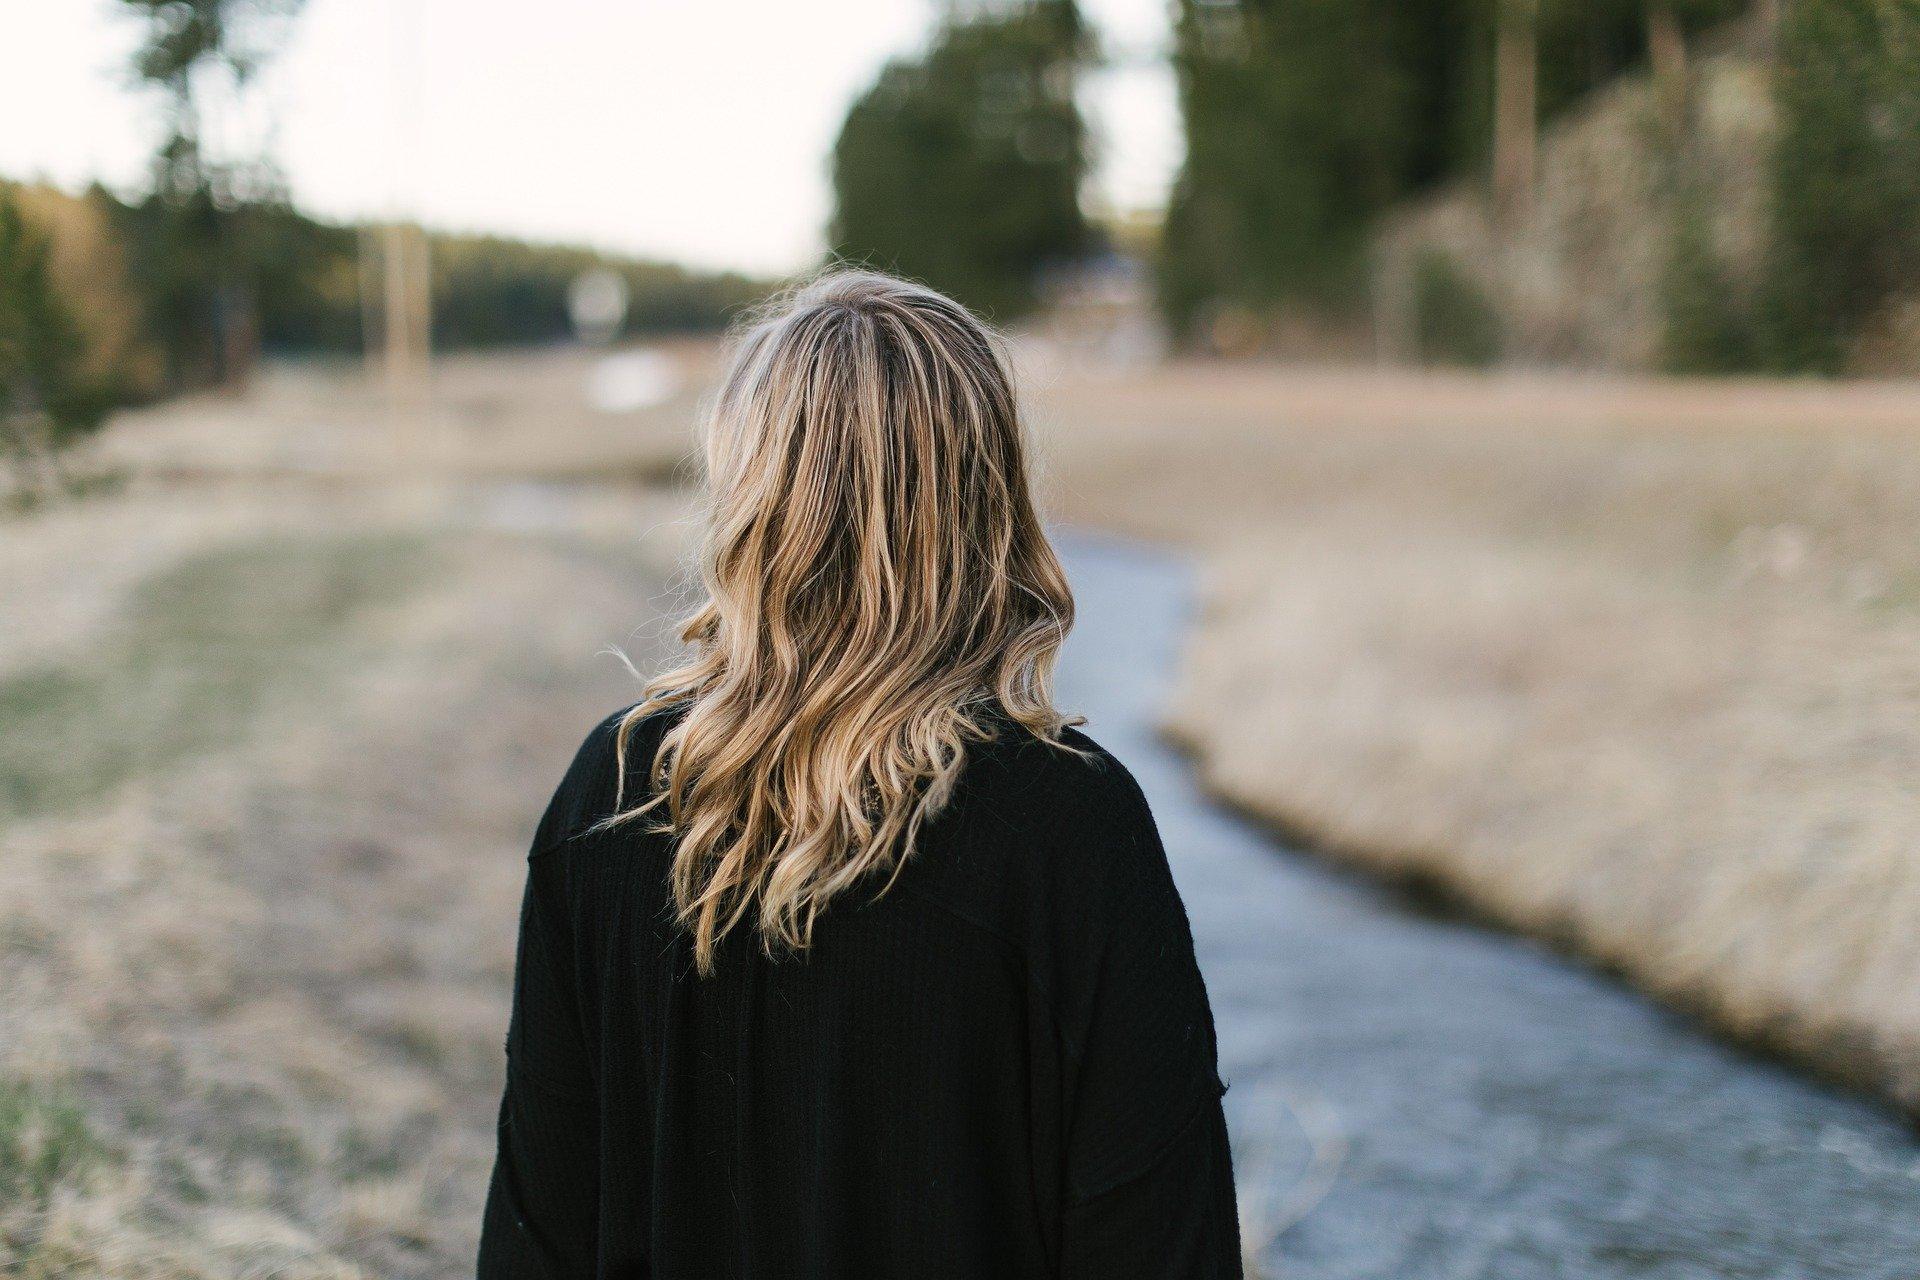 Depression & Selbsthilfe: Was kann ich selbst gegen die Depression tun?